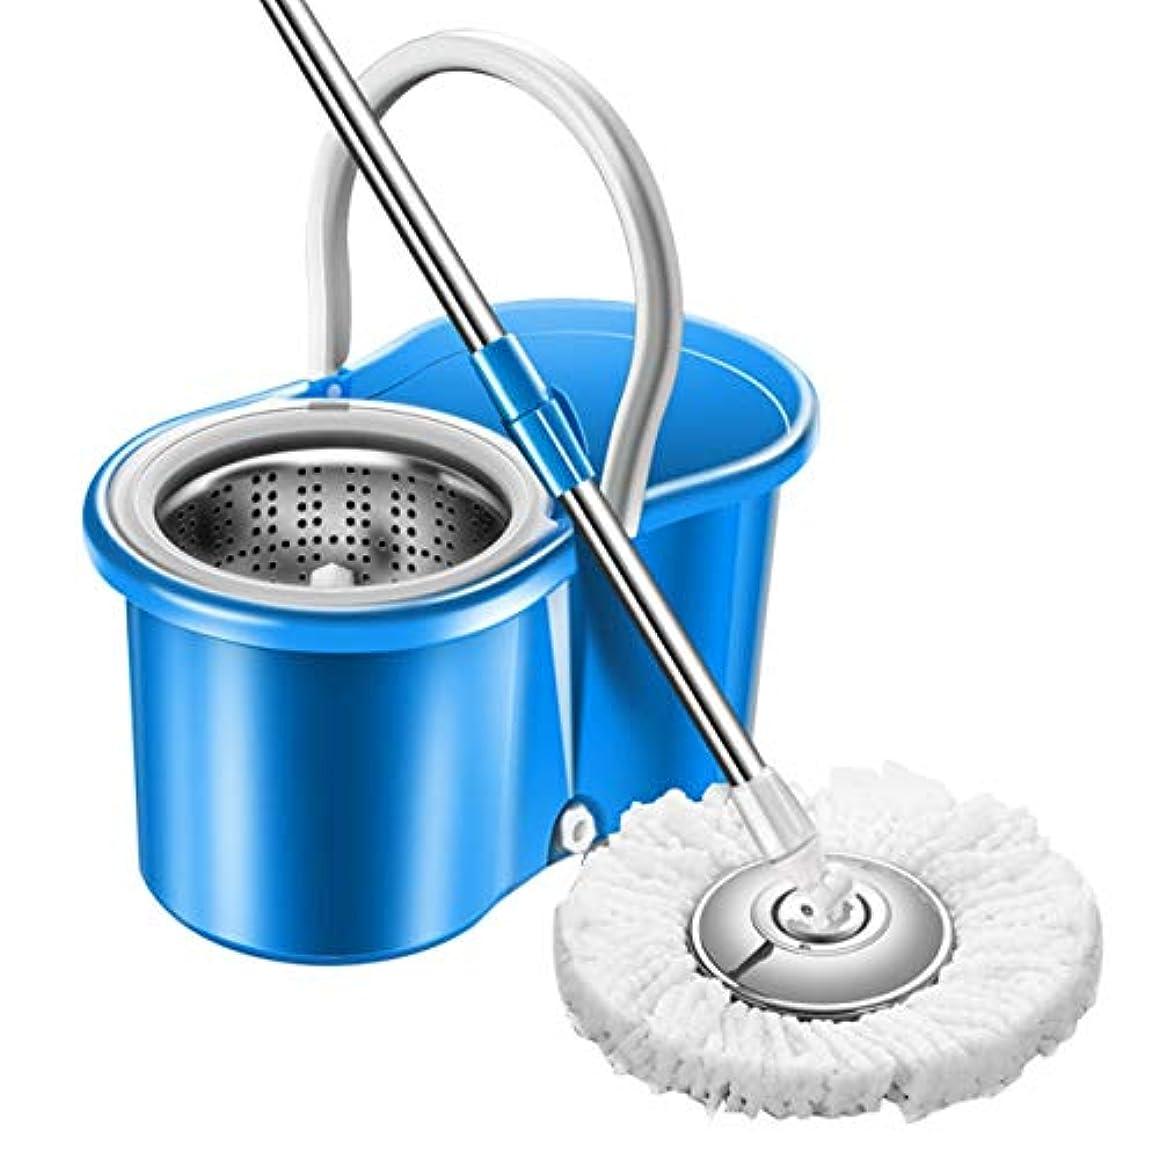 汚染努力するハーフSaikogoods 実用ホーム用マジック床クリーニングモップ360度ローリングスピン自己絞るファイバーコットンヘッドフローリングモップセット 青